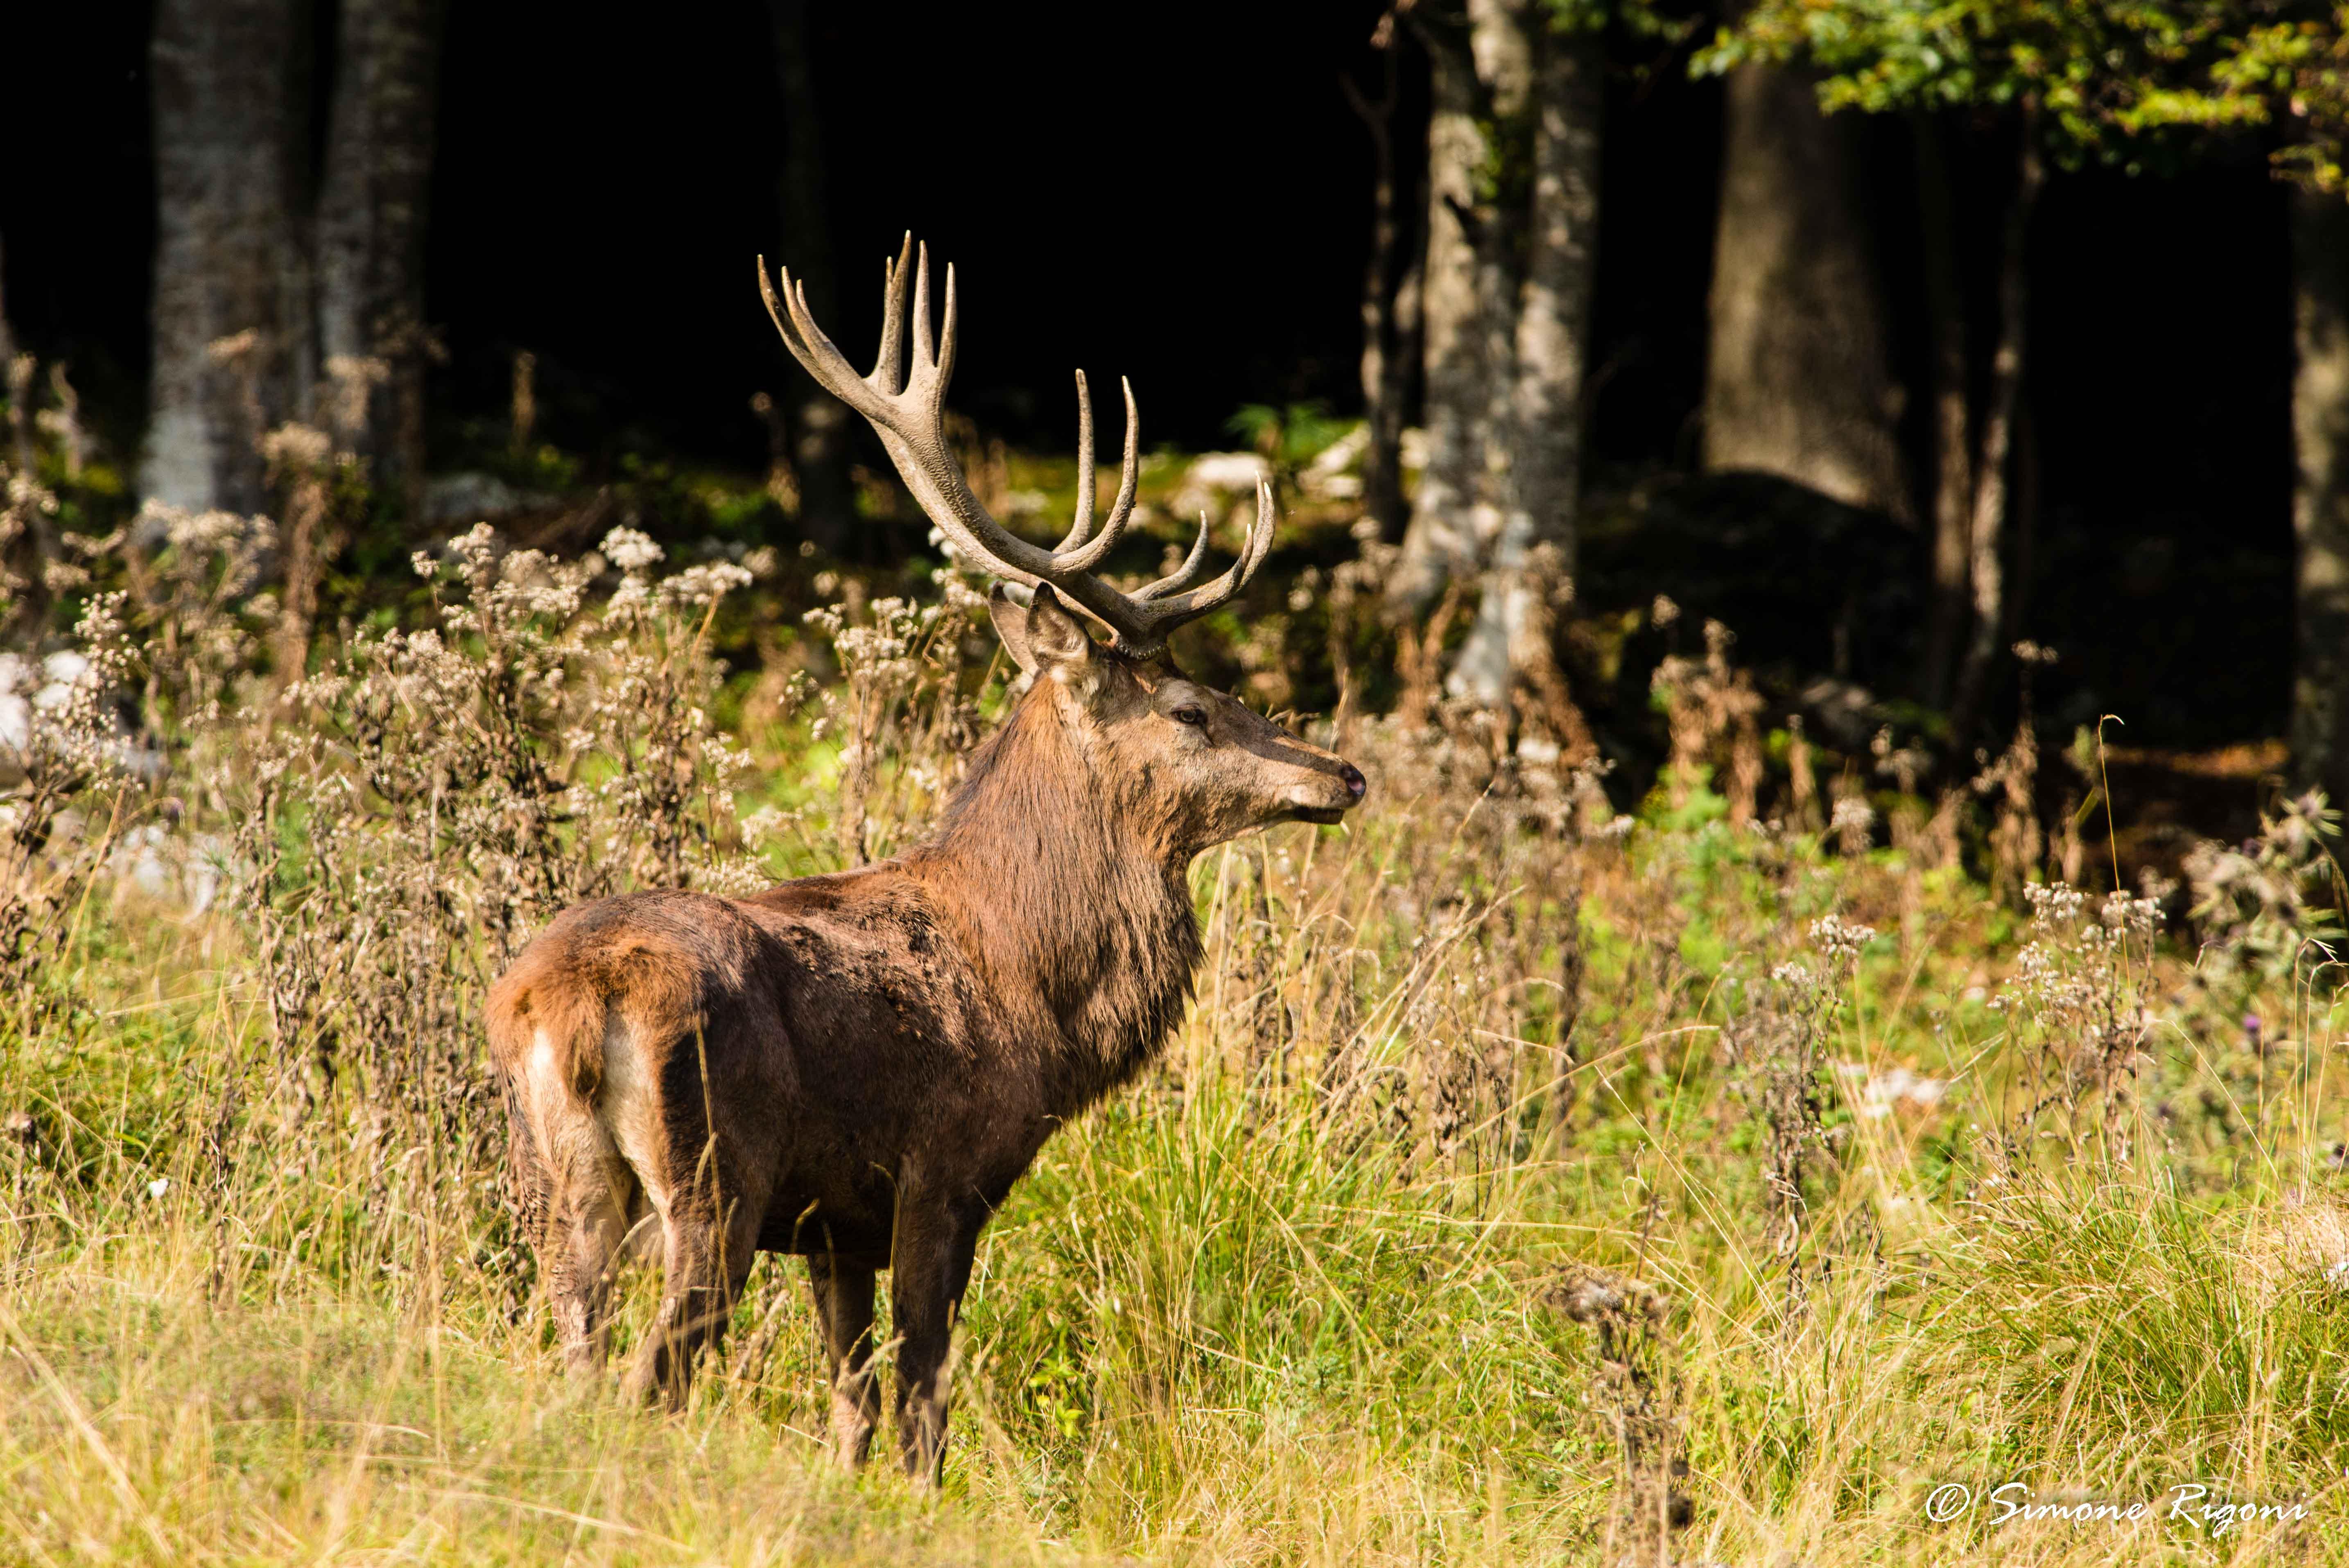 dsc_3565-cervo-nel-periodo-degli-amori